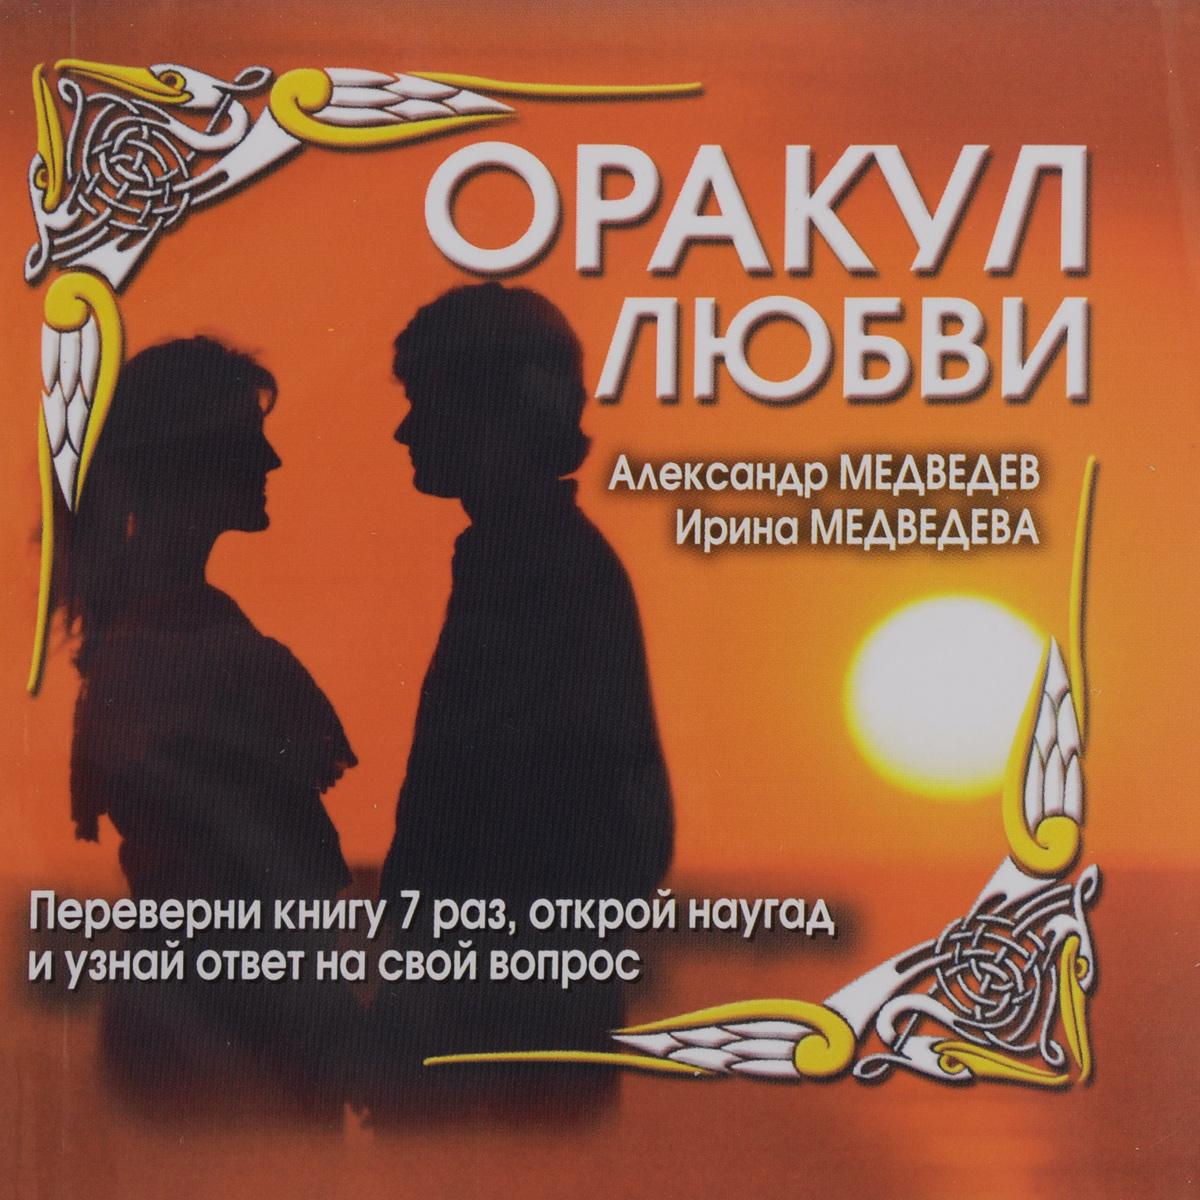 Оракул любви ( 978-5-17-035569-3, 978-5-9713-1442-4 )